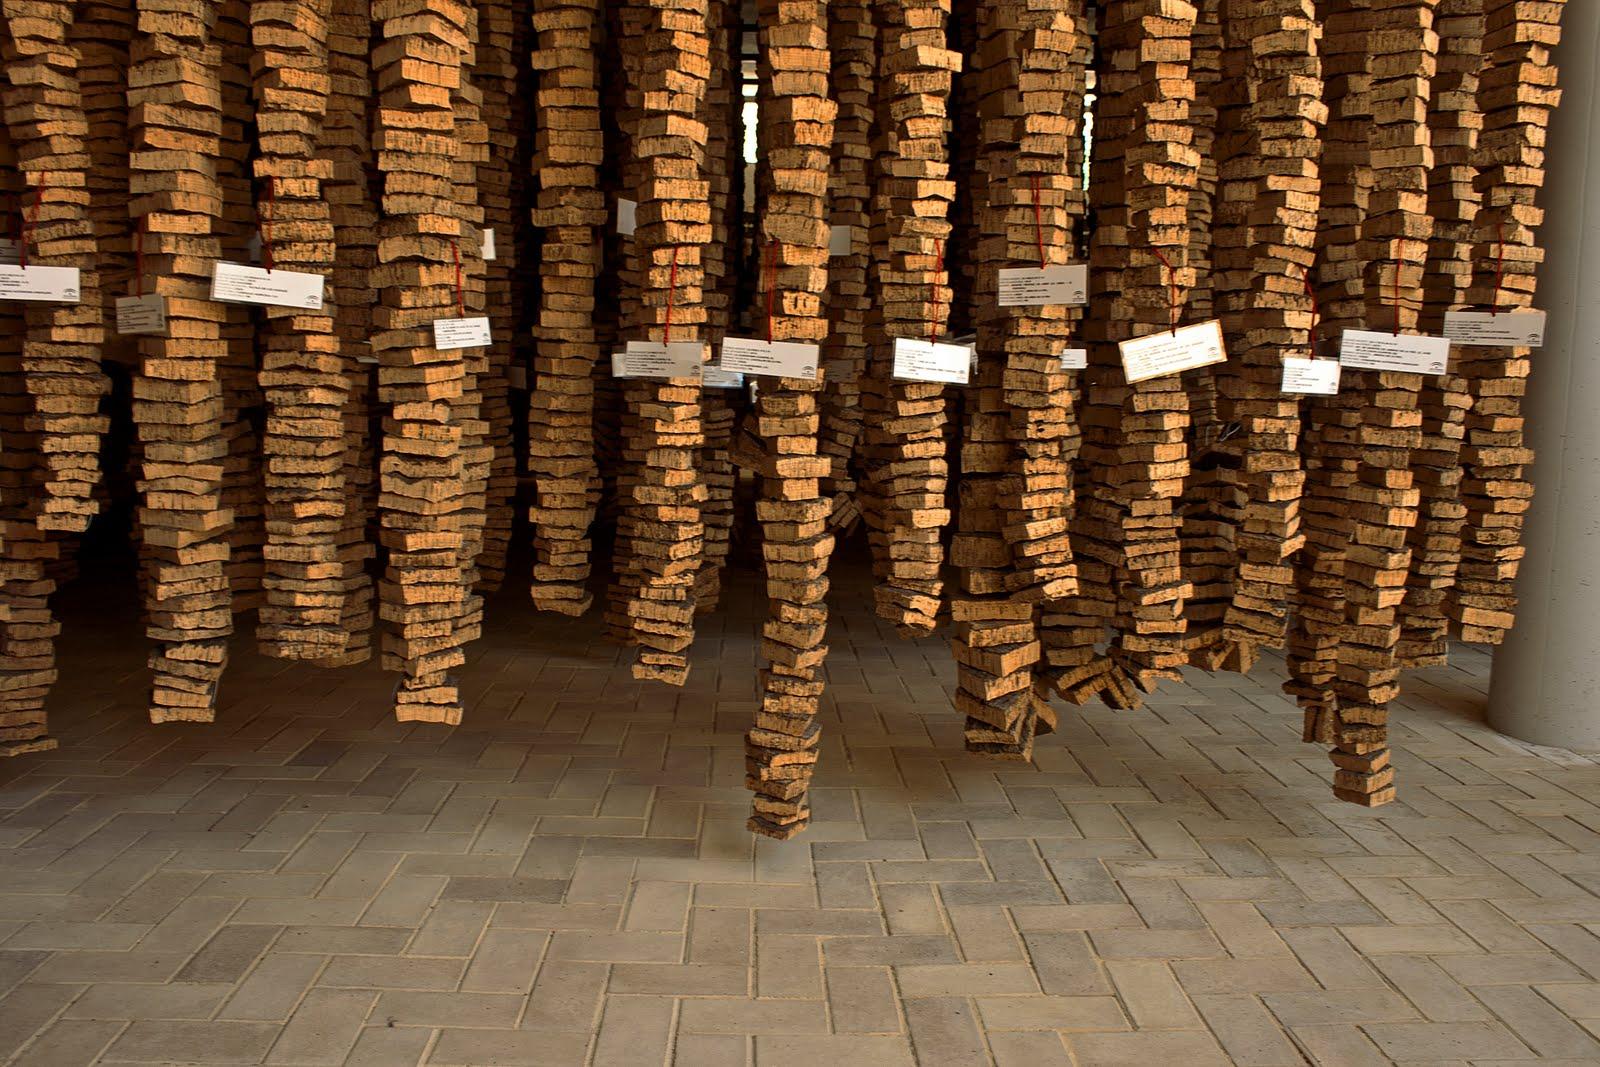 La alta calidad del corcho andaluz permitirá garantizar la rentabilidad del sector